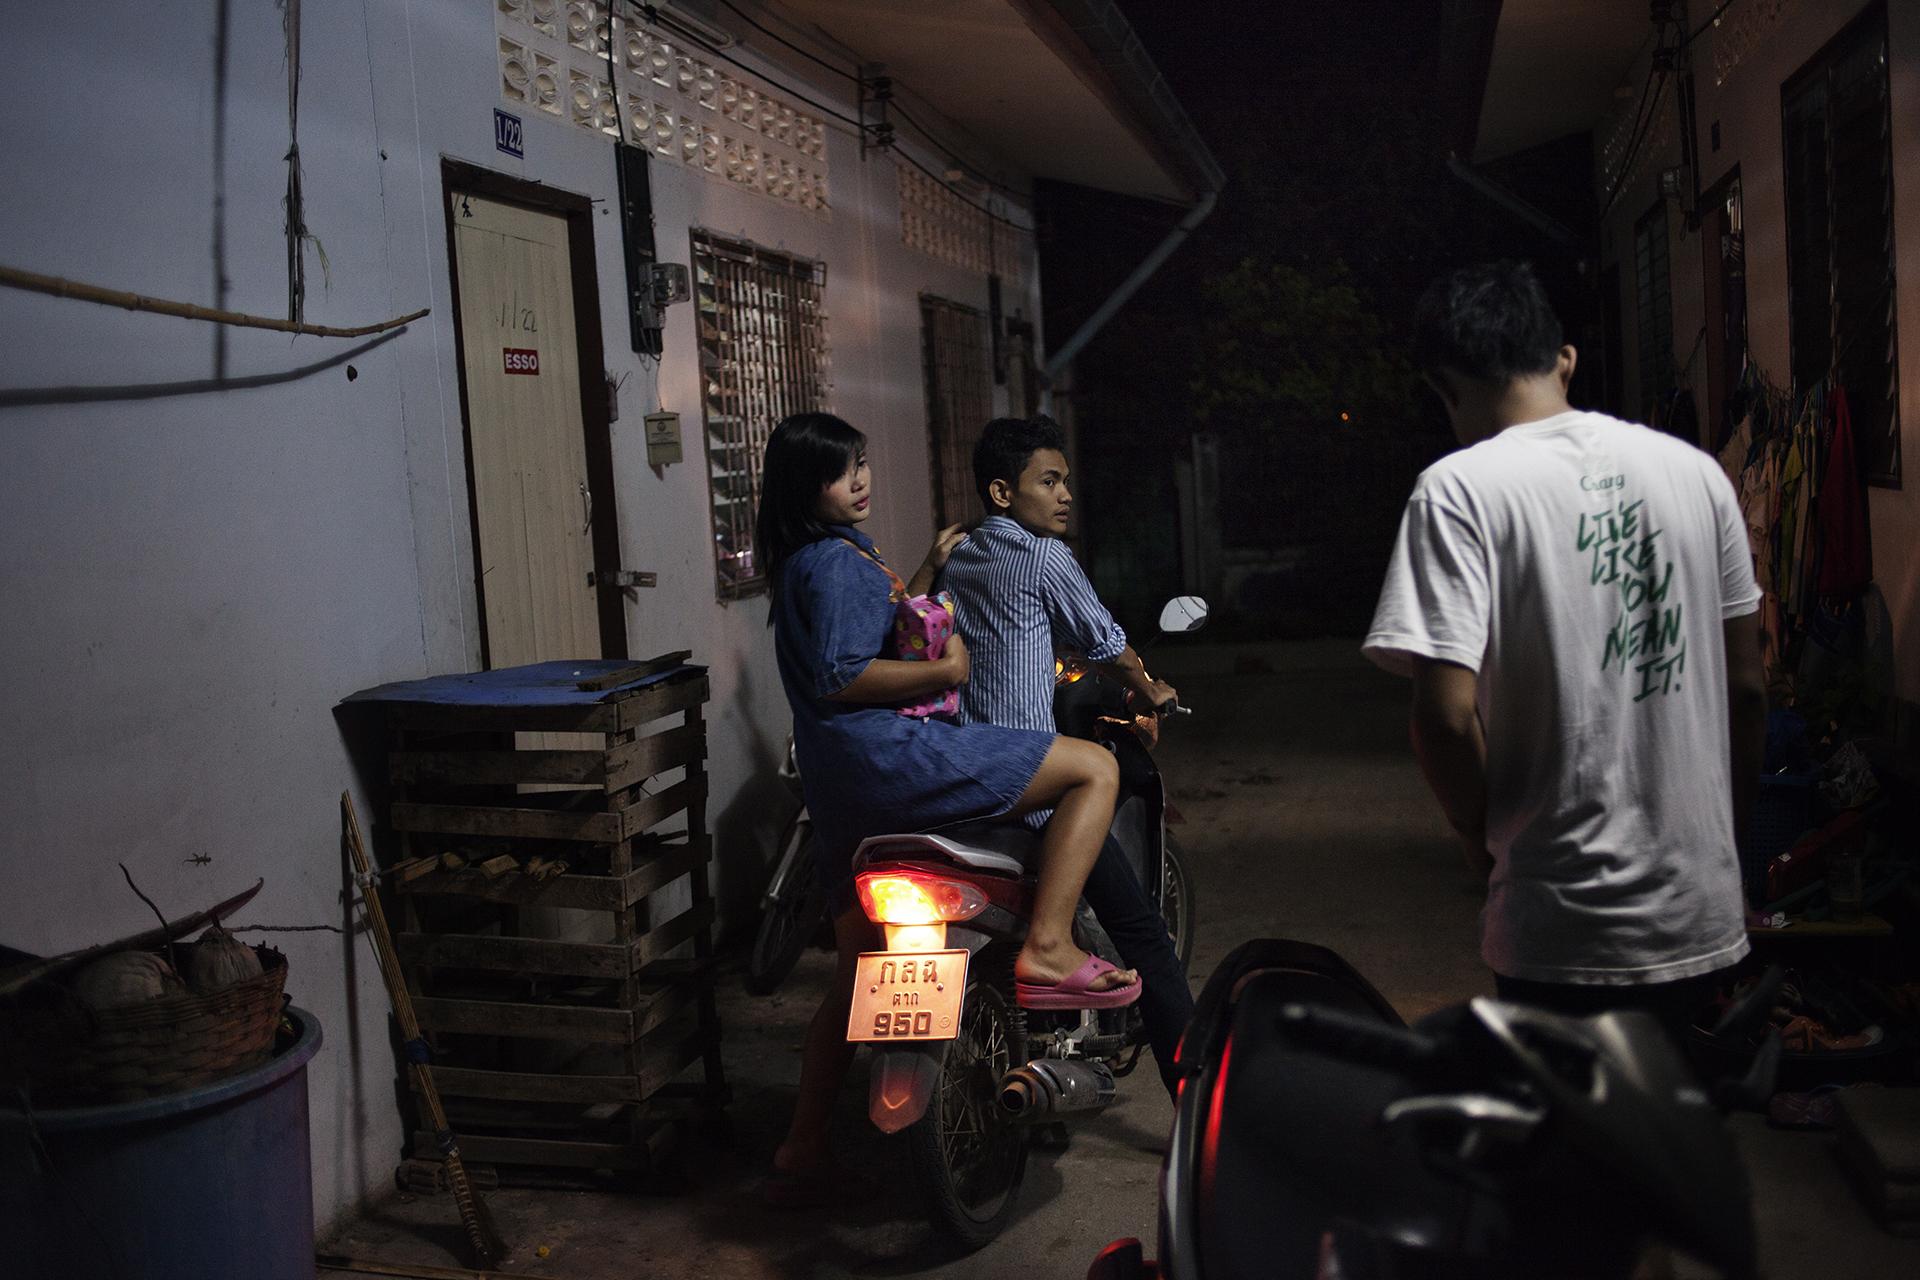 Tous les soirs, Arkar emmène Hnin Hnin au club de striptease où elle est hôtesse. Aujourd'hui sans emploi, il travaillait un temps dans le club en tant que serveur, mais ne supportait plus de voir Hnin Hnin avec d'autres hommes. Il est courant que les filles travaillant dans ce milieu aient un boyfriend qui se fait entretenir.Mae Sot, Thaïlande, octobre 2013